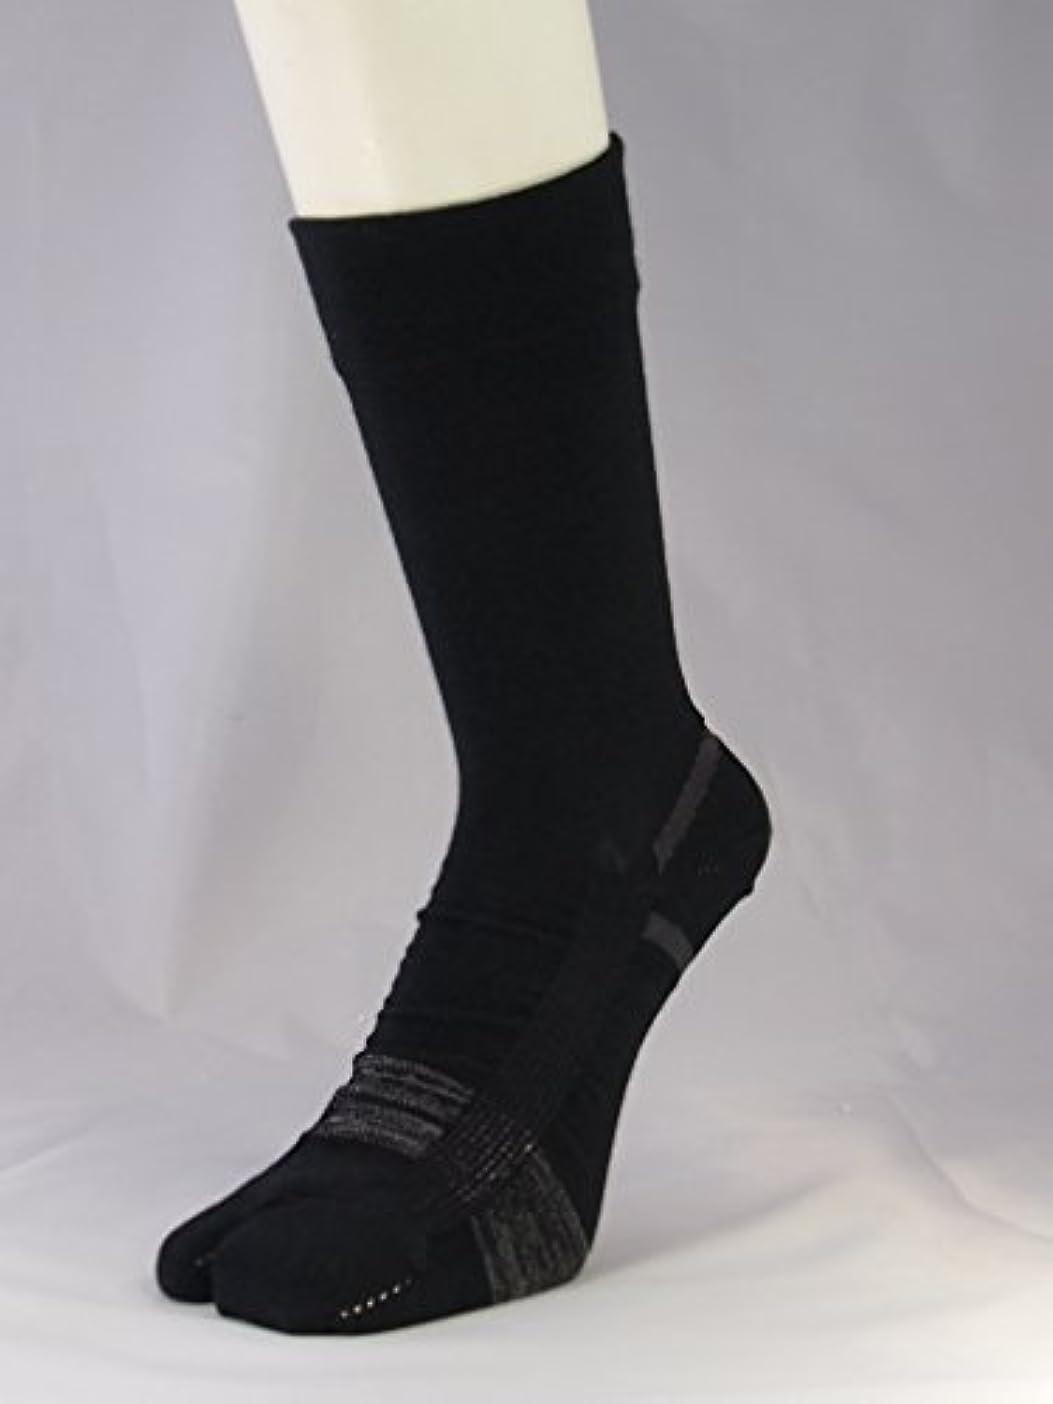 尾うなり声不条理【あしサポ】つまずき予防靴下 転倒予防 足袋タイプ【エコノレッグ 】 (25-27㎝, ブラック)